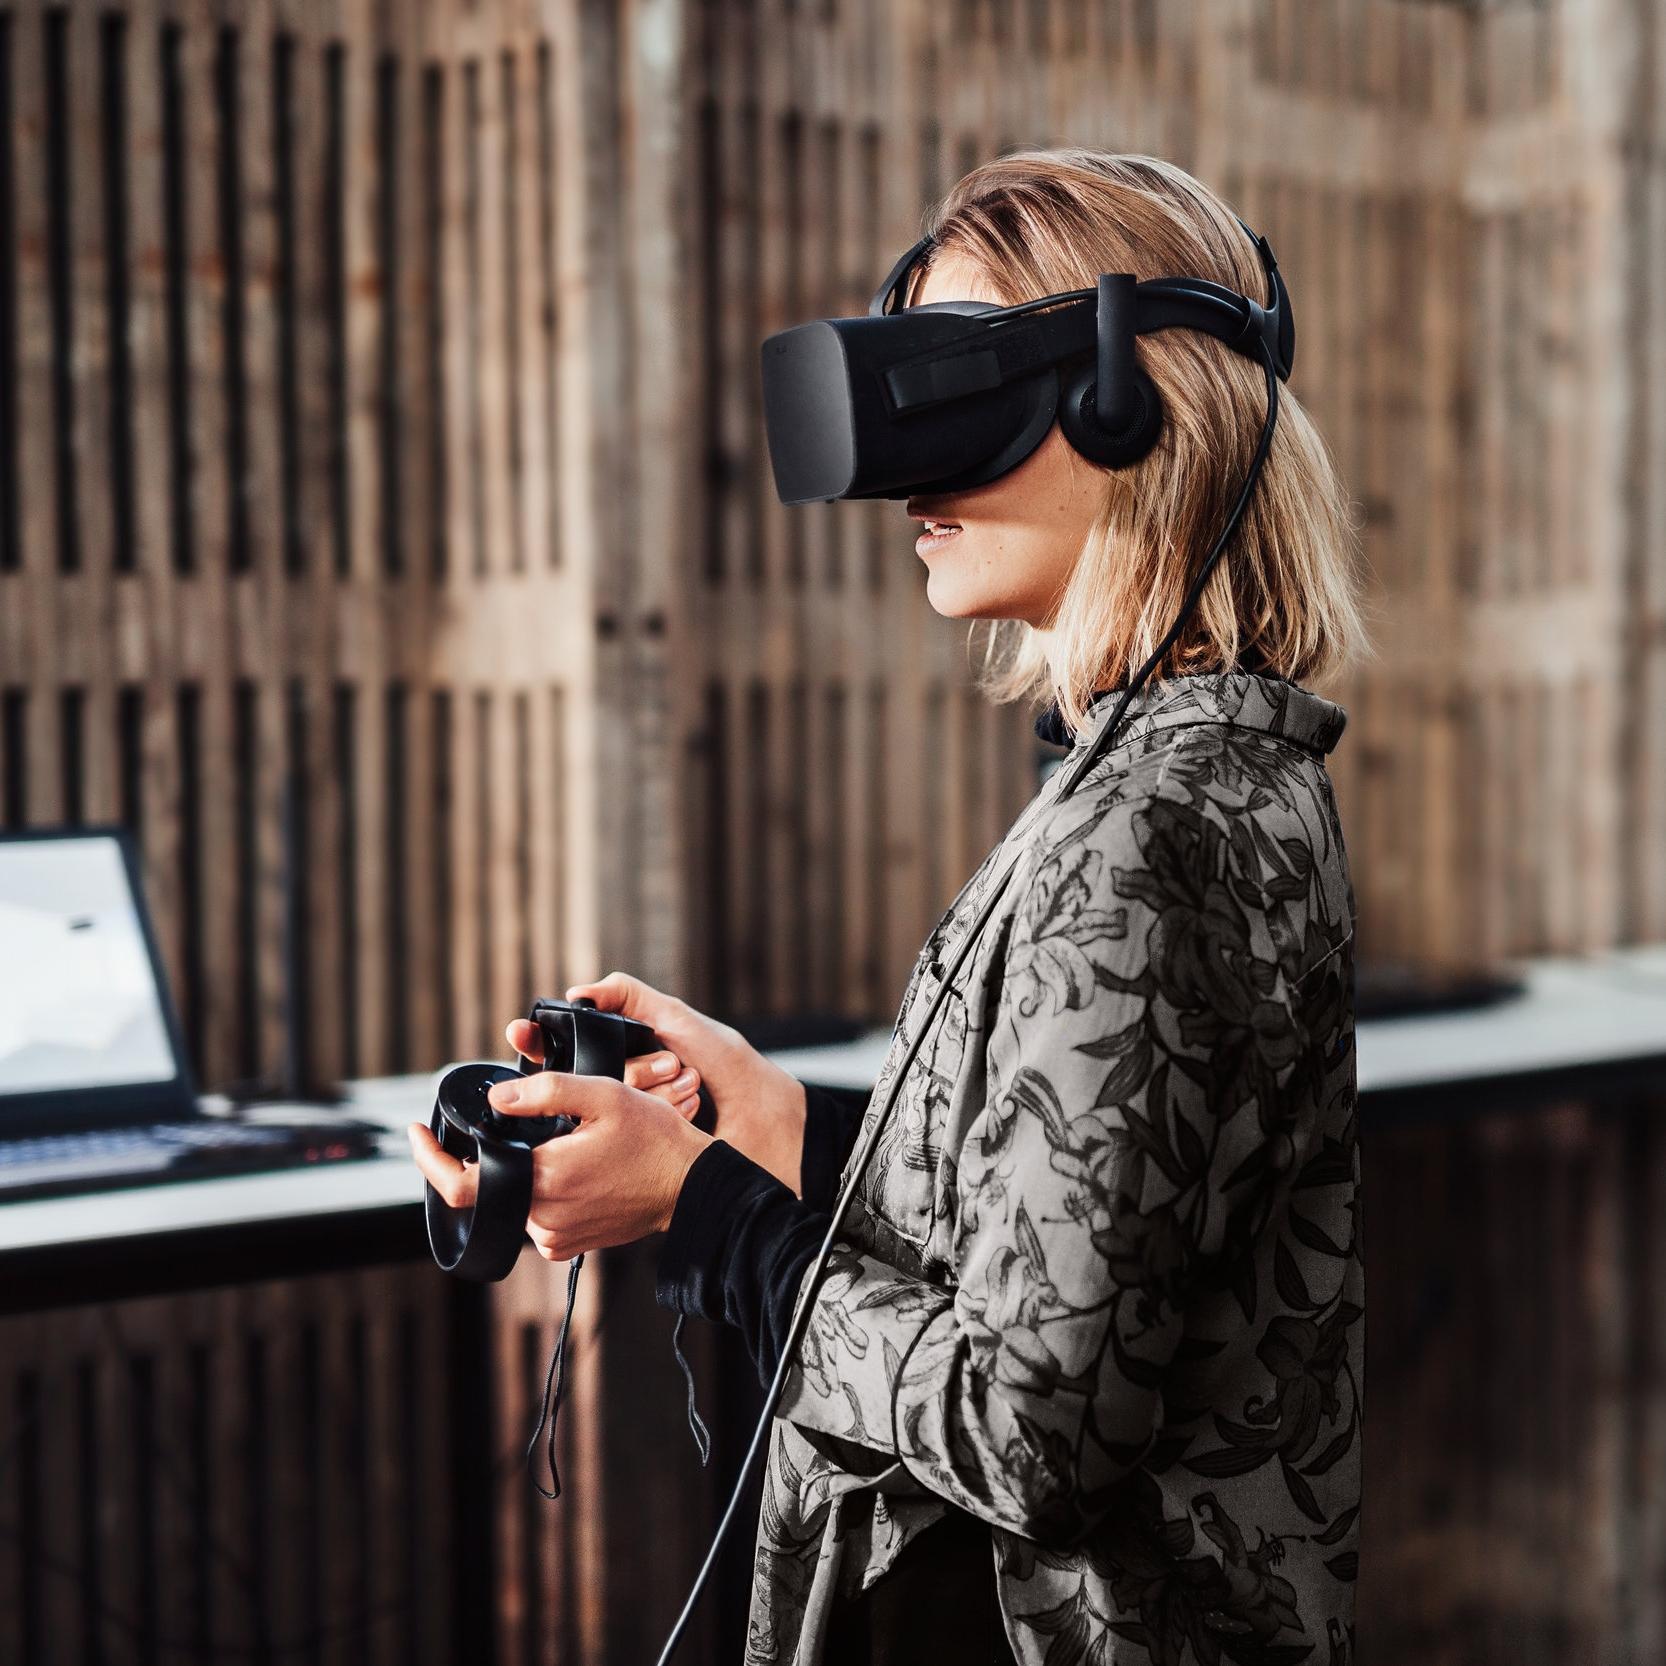 VR Cloud Vive og Oculus 171129_1987_bim_arhus.jpg